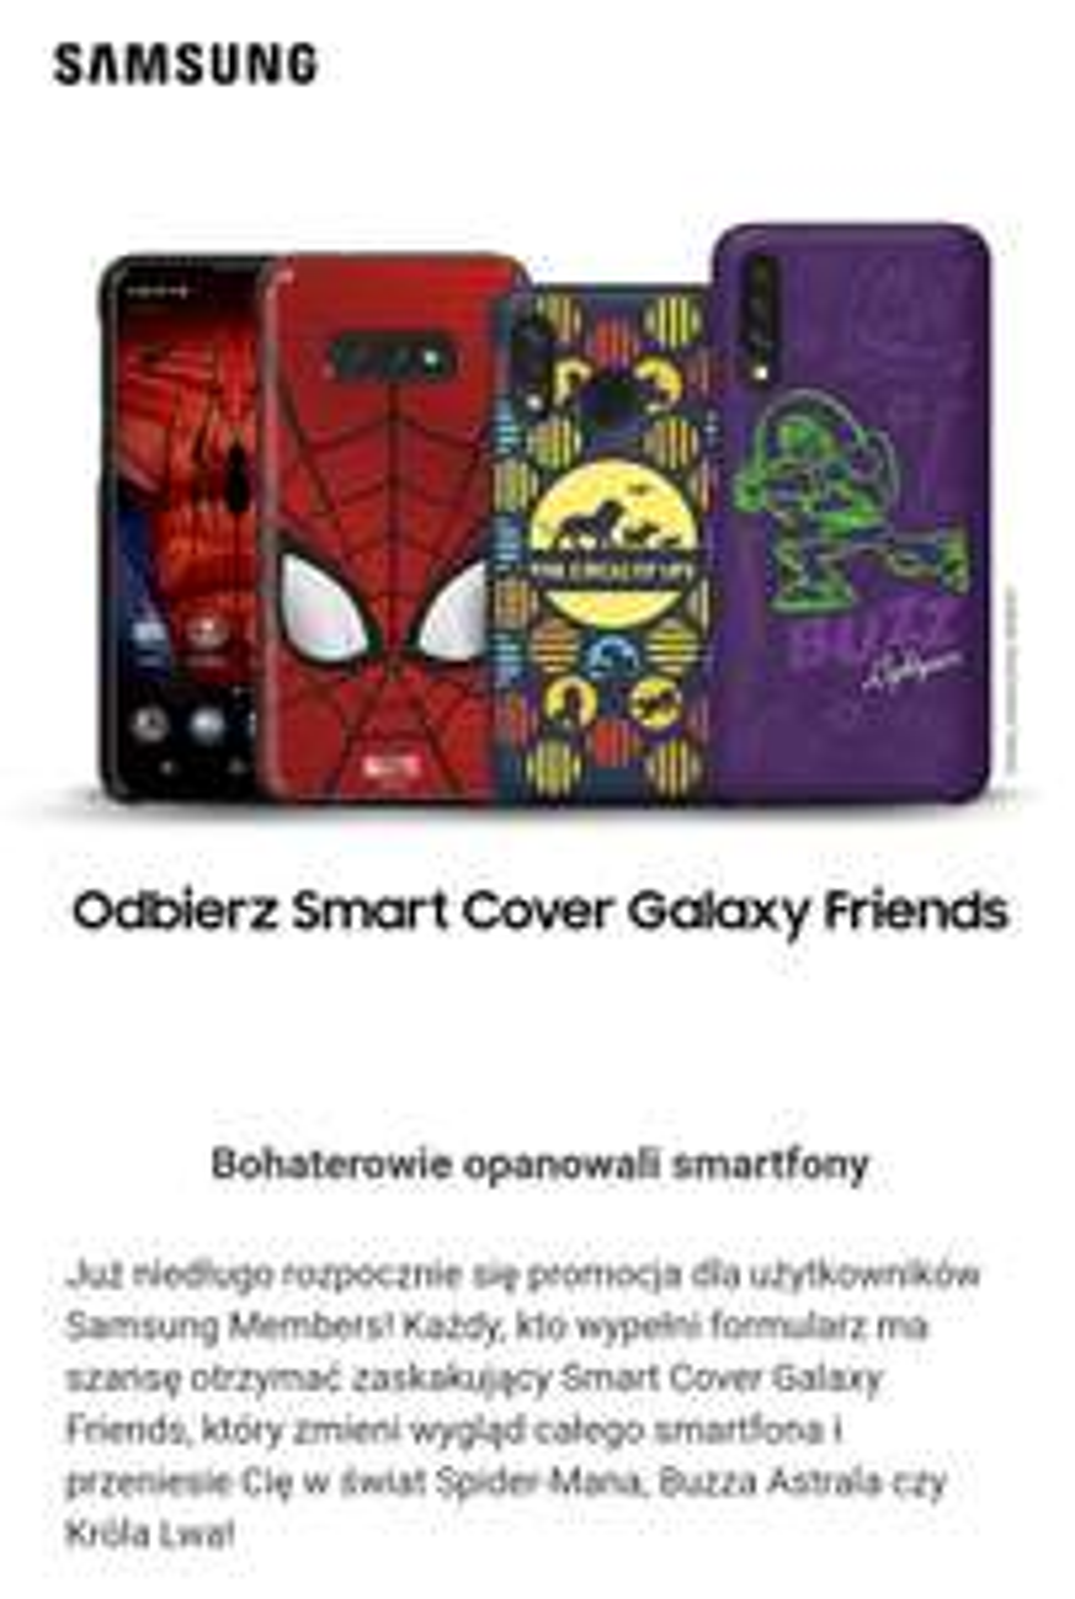 Darmowe Smart Covery od Samsunga dla posiadaczy S10e, S10, S10+, A40 lub A50